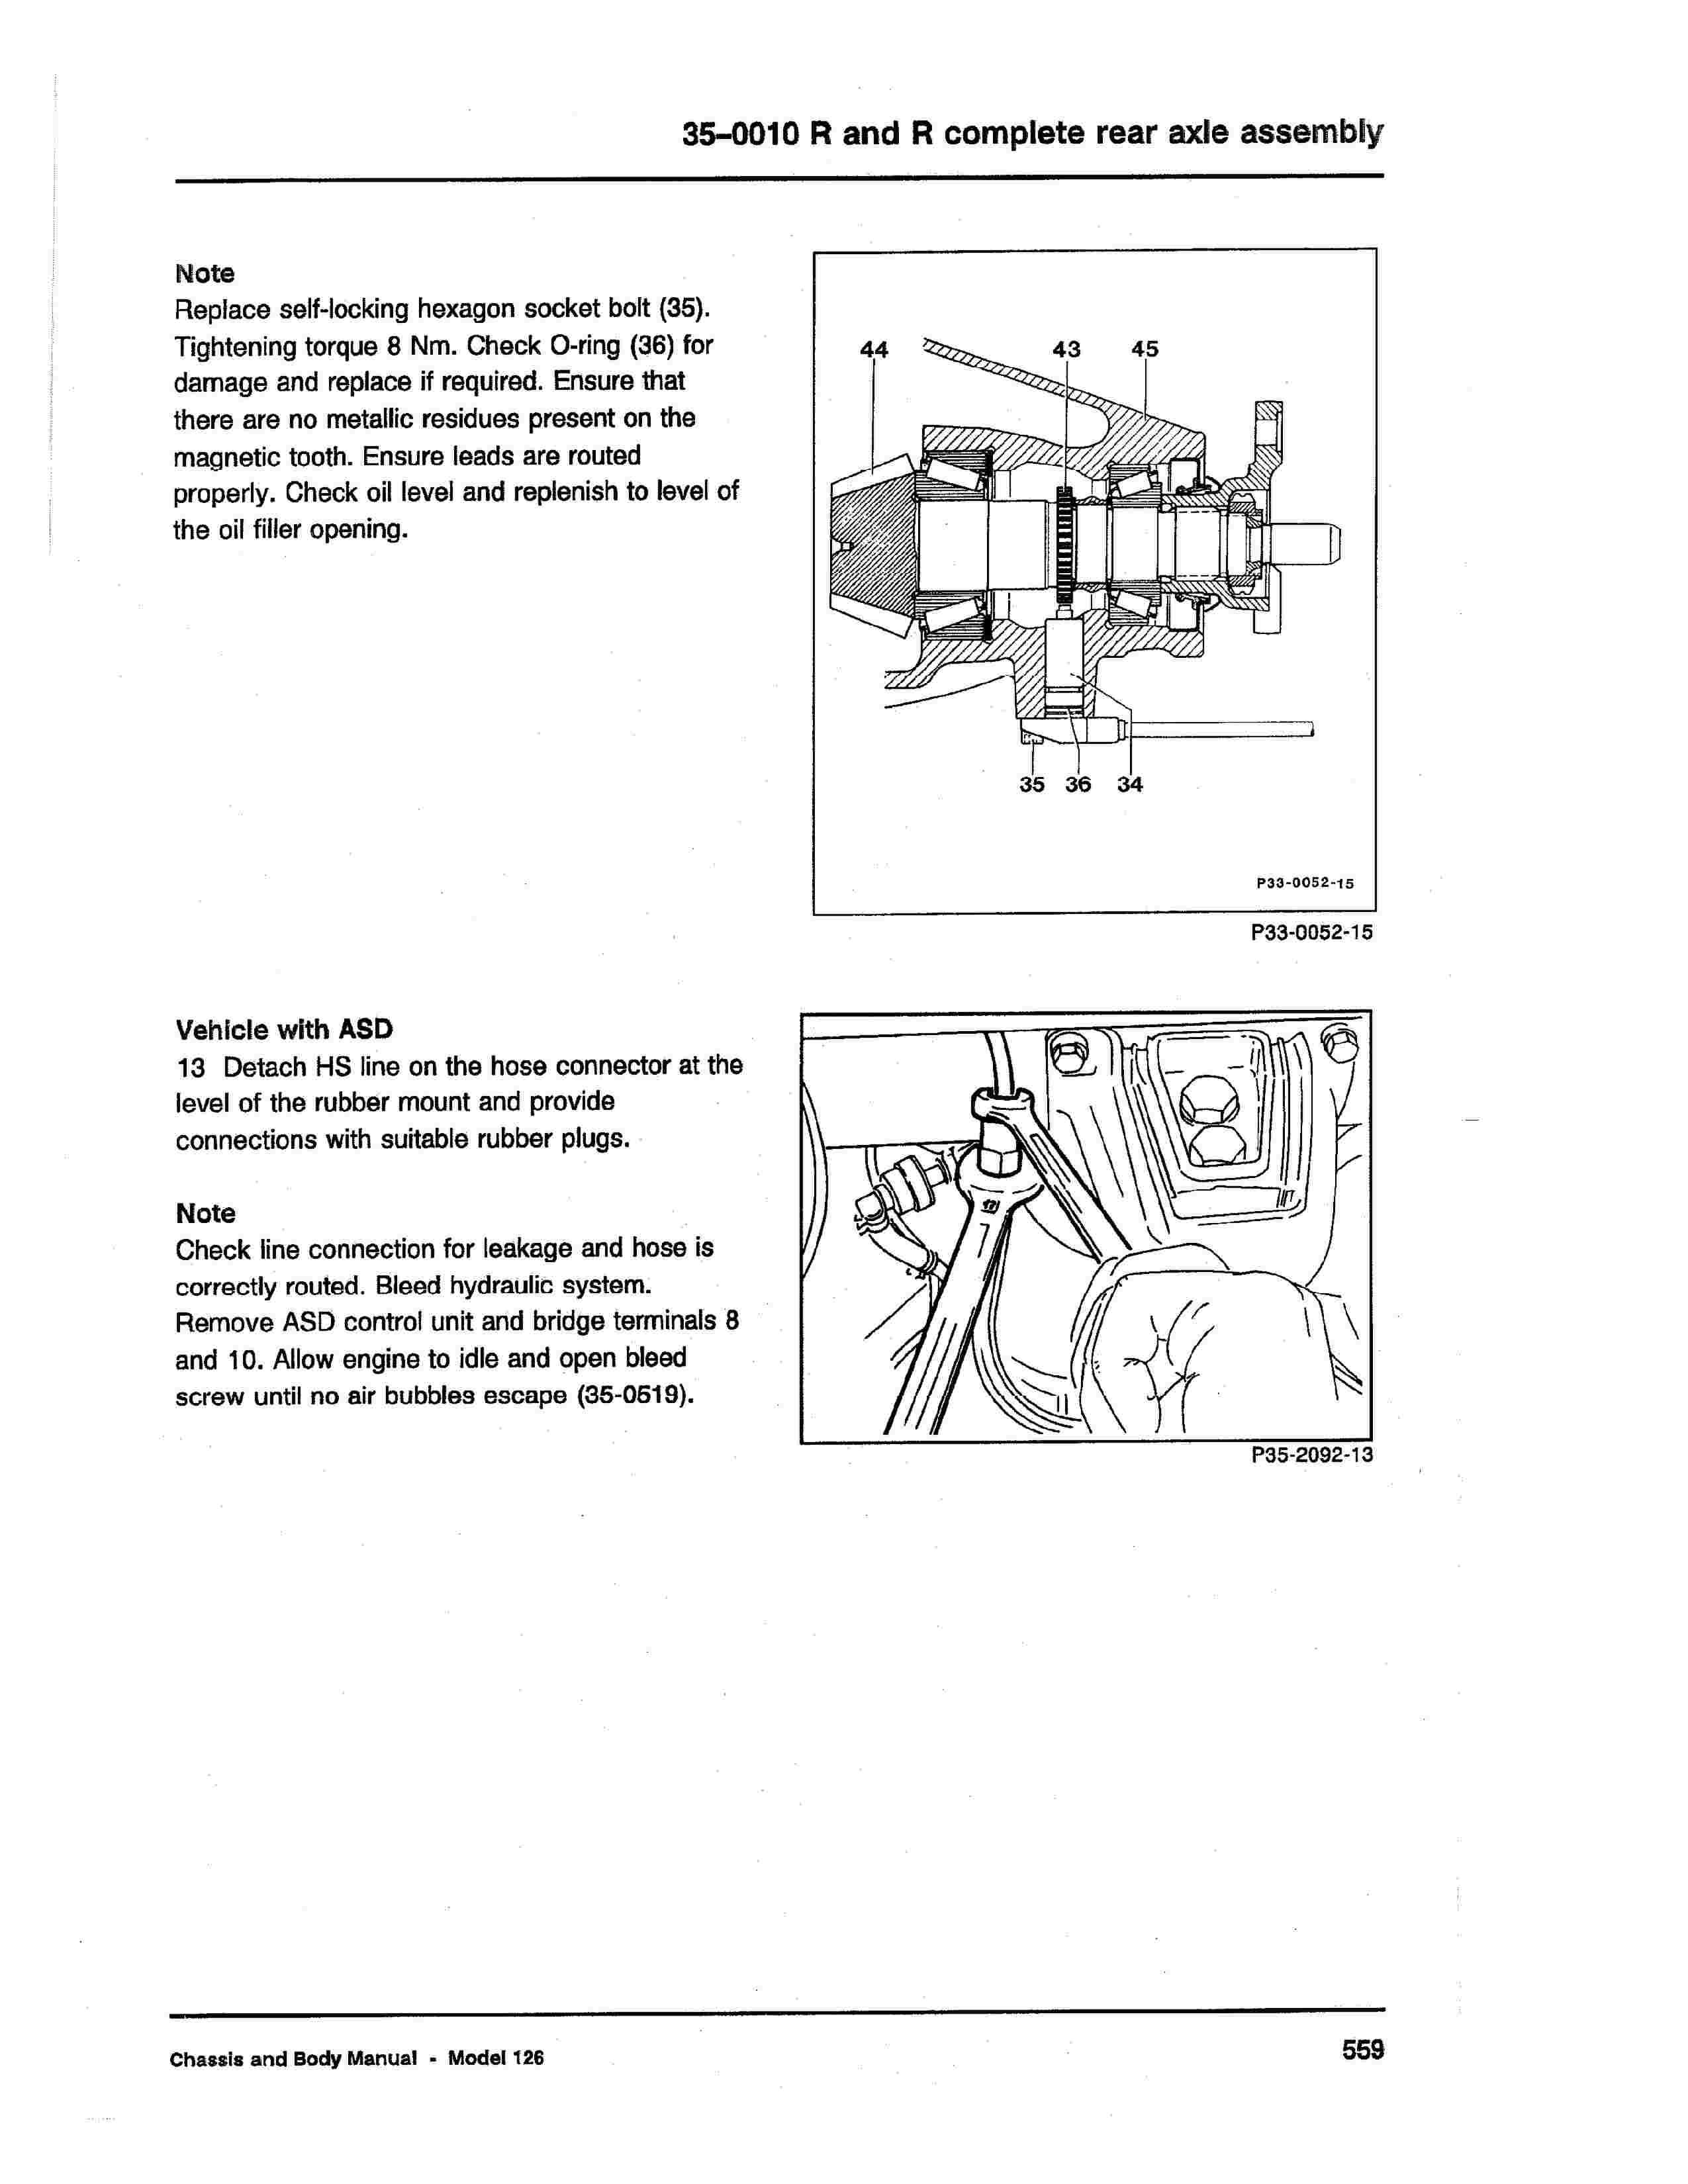 (W126): Diagrama completo da suspensão traseira  0008_216